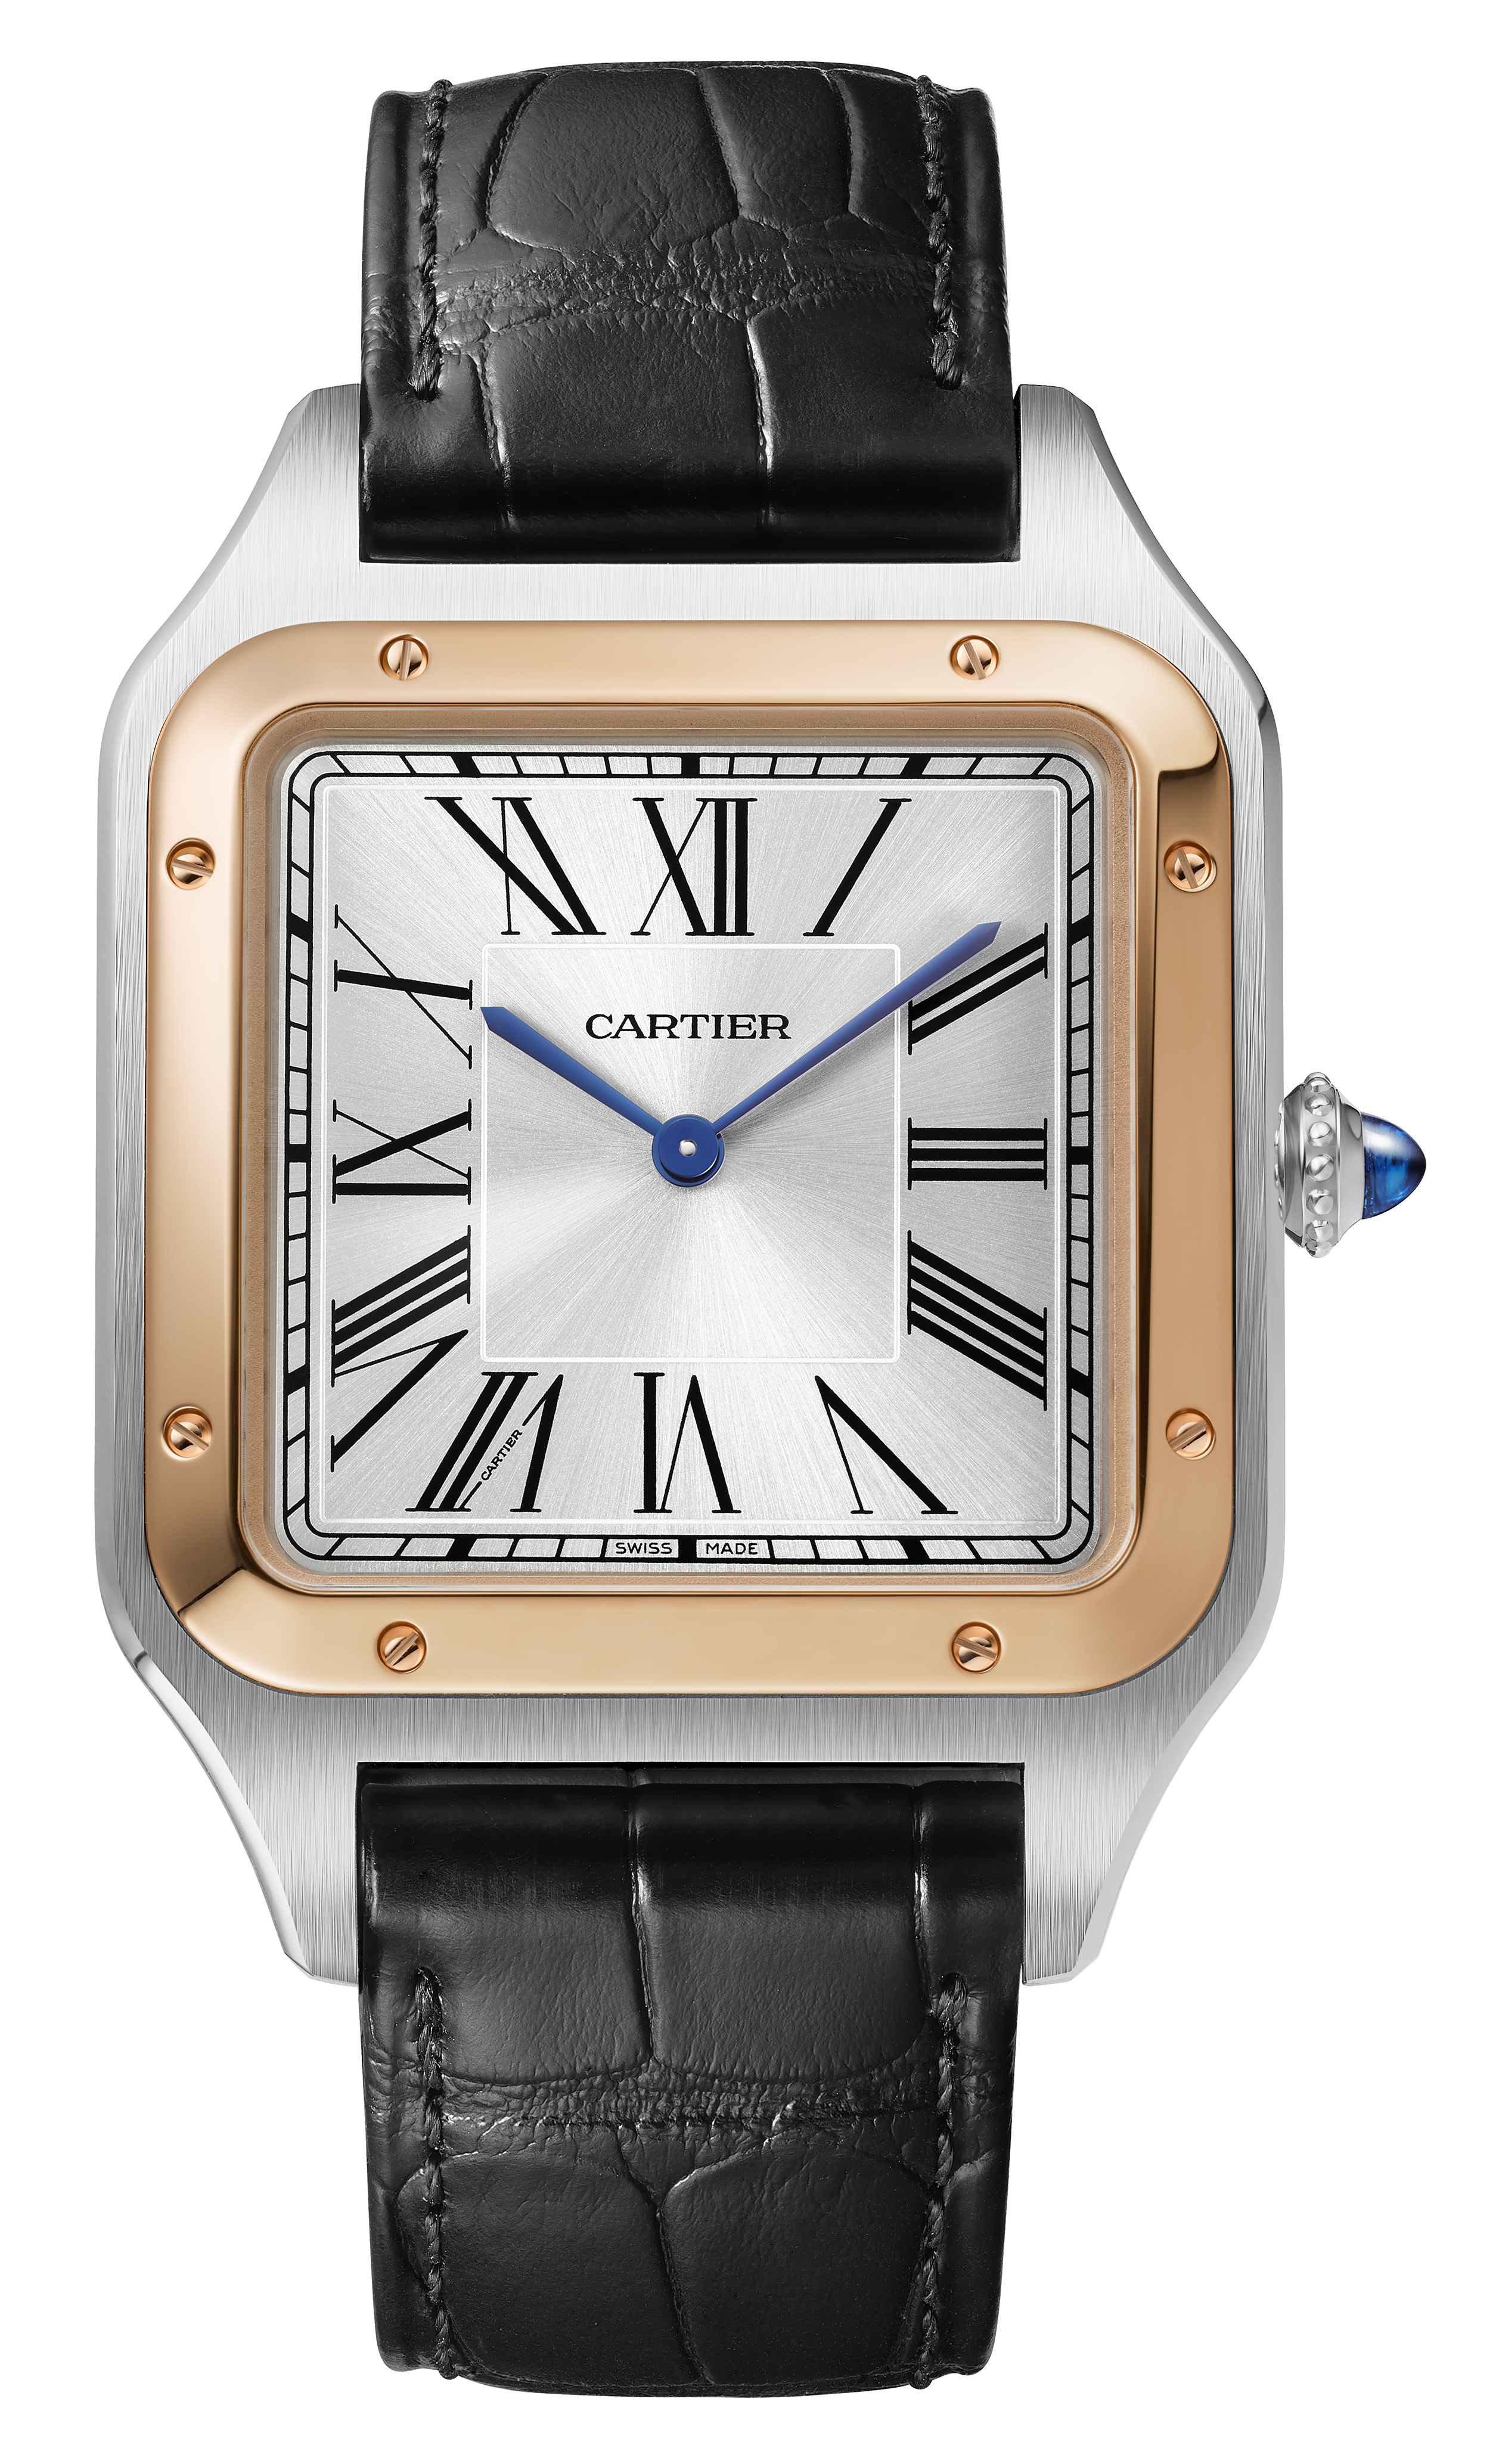 Santos-Dumont de Cartier - Un reloj creado por Louis Cartier en 1904 para su amigo, el aviador Alberto Santos-Dumont. Su forma atemporal ha llevado a la casa de joyería a reinterpretar este estilo que se ha convertido en pieza indispensable para el hombre moderno. Más información en la tienda Cartier, en Condado. (Suministrada)